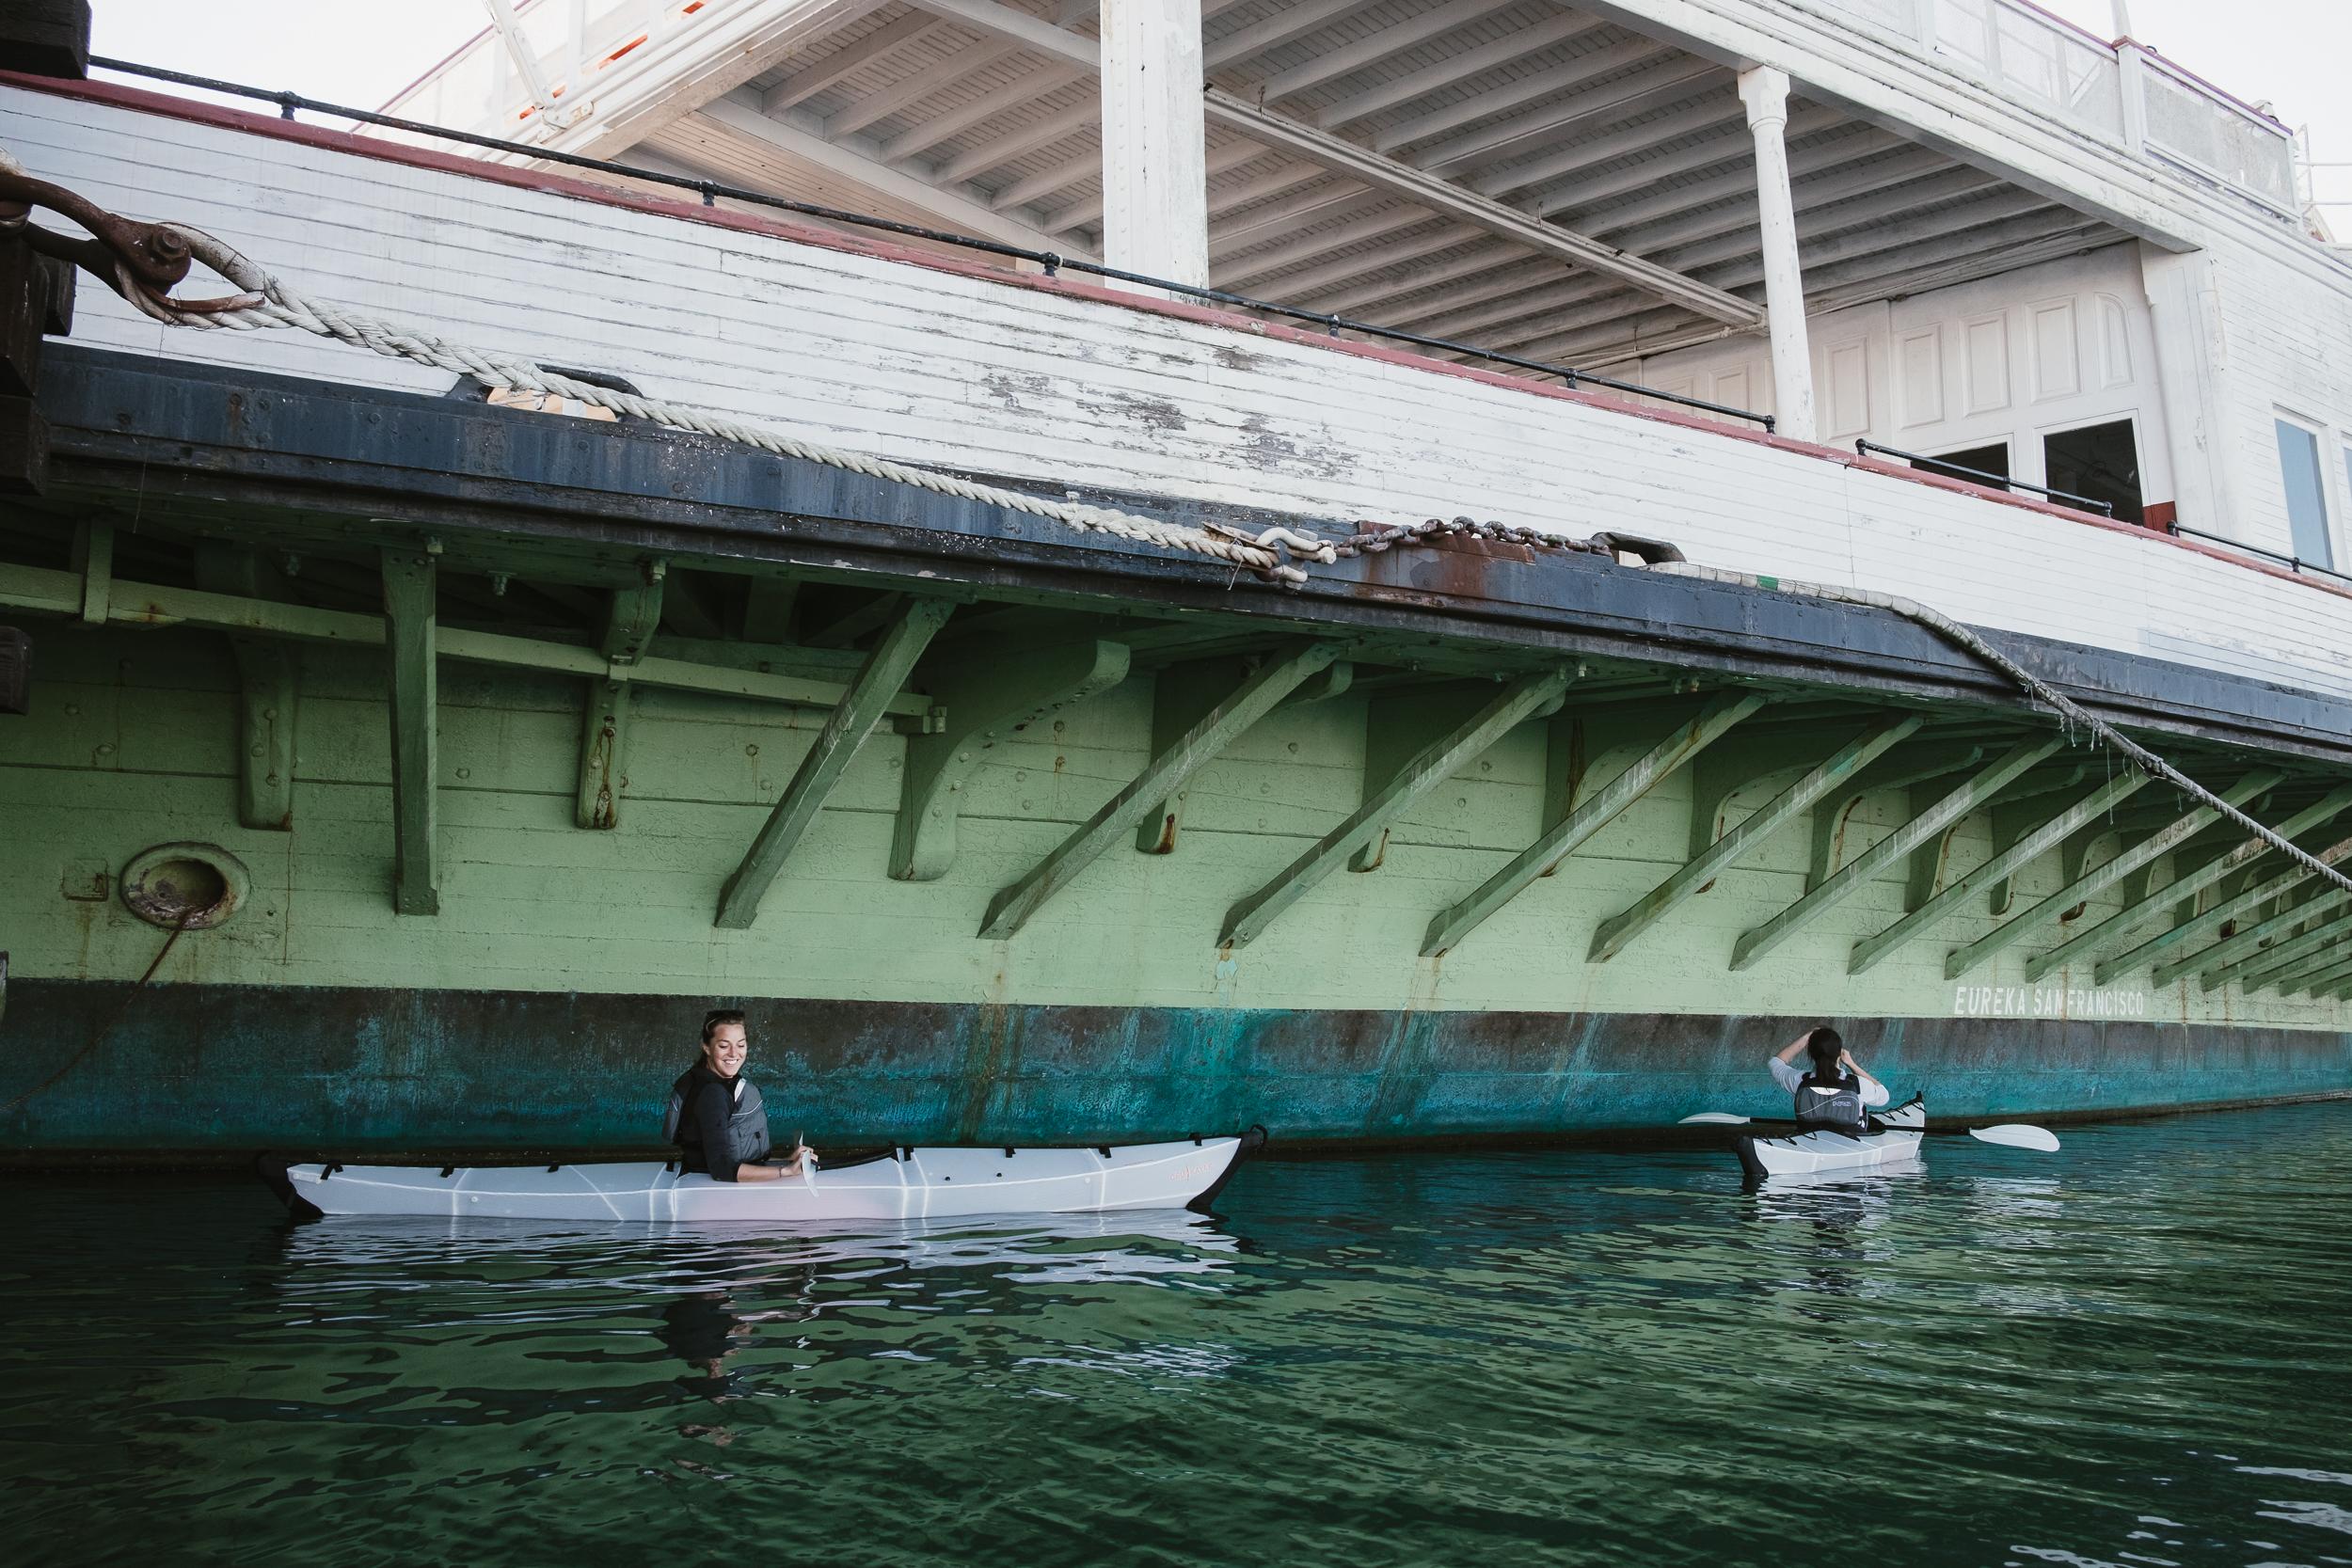 oru-kayak-she-explores-vivianchen-0009.jpg